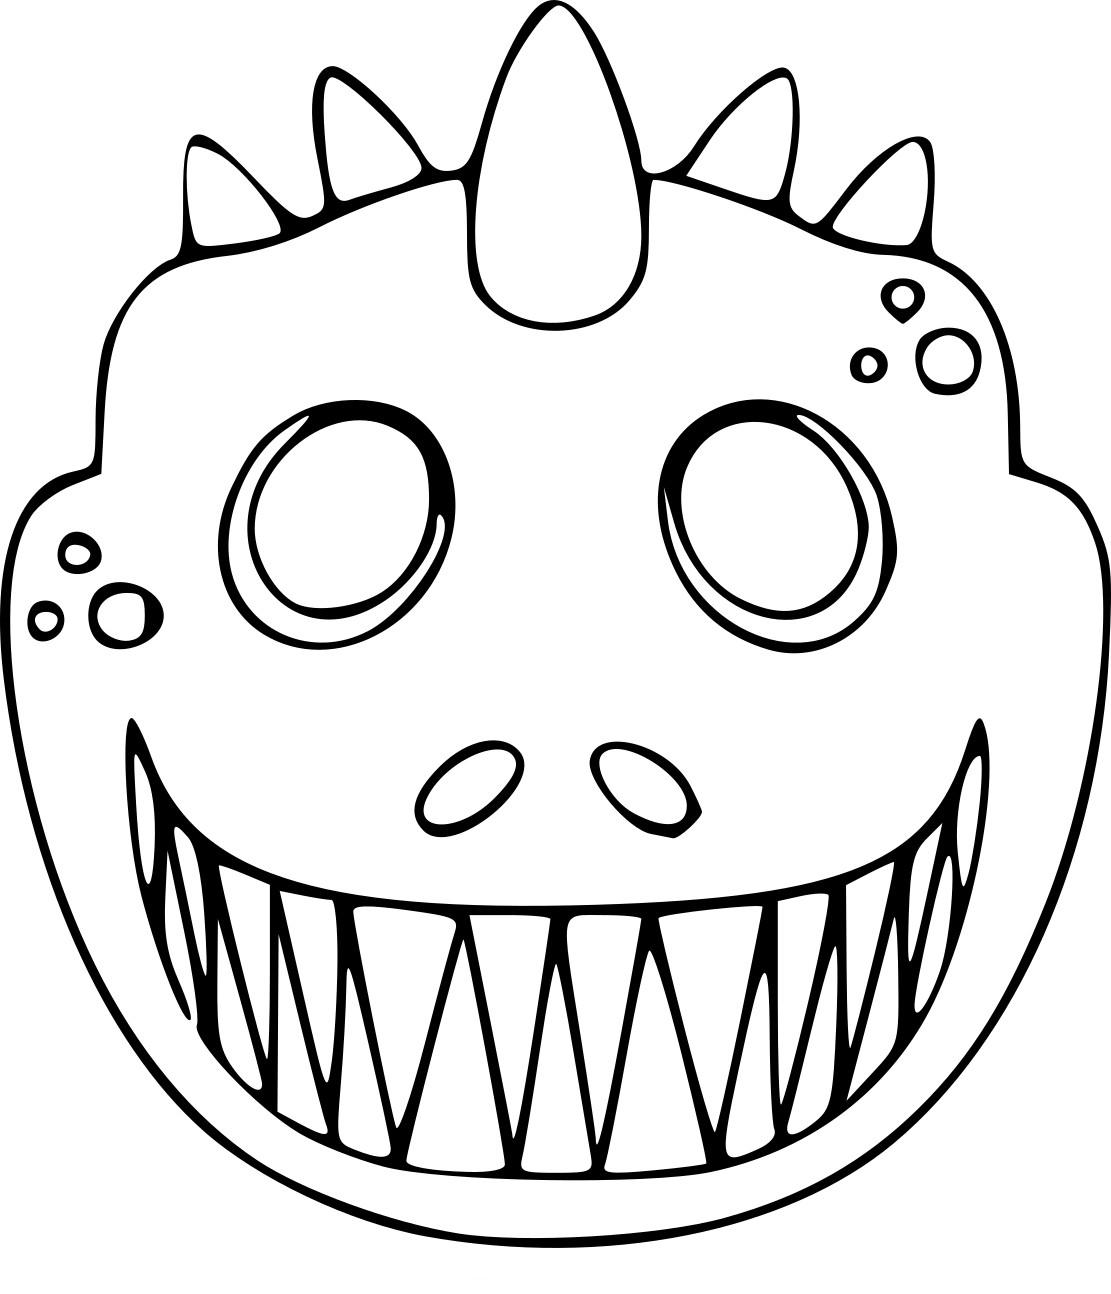 Coloriage Masque Dinosaure À Imprimer Sur Coloriages à Masque À Colorier Gratuit